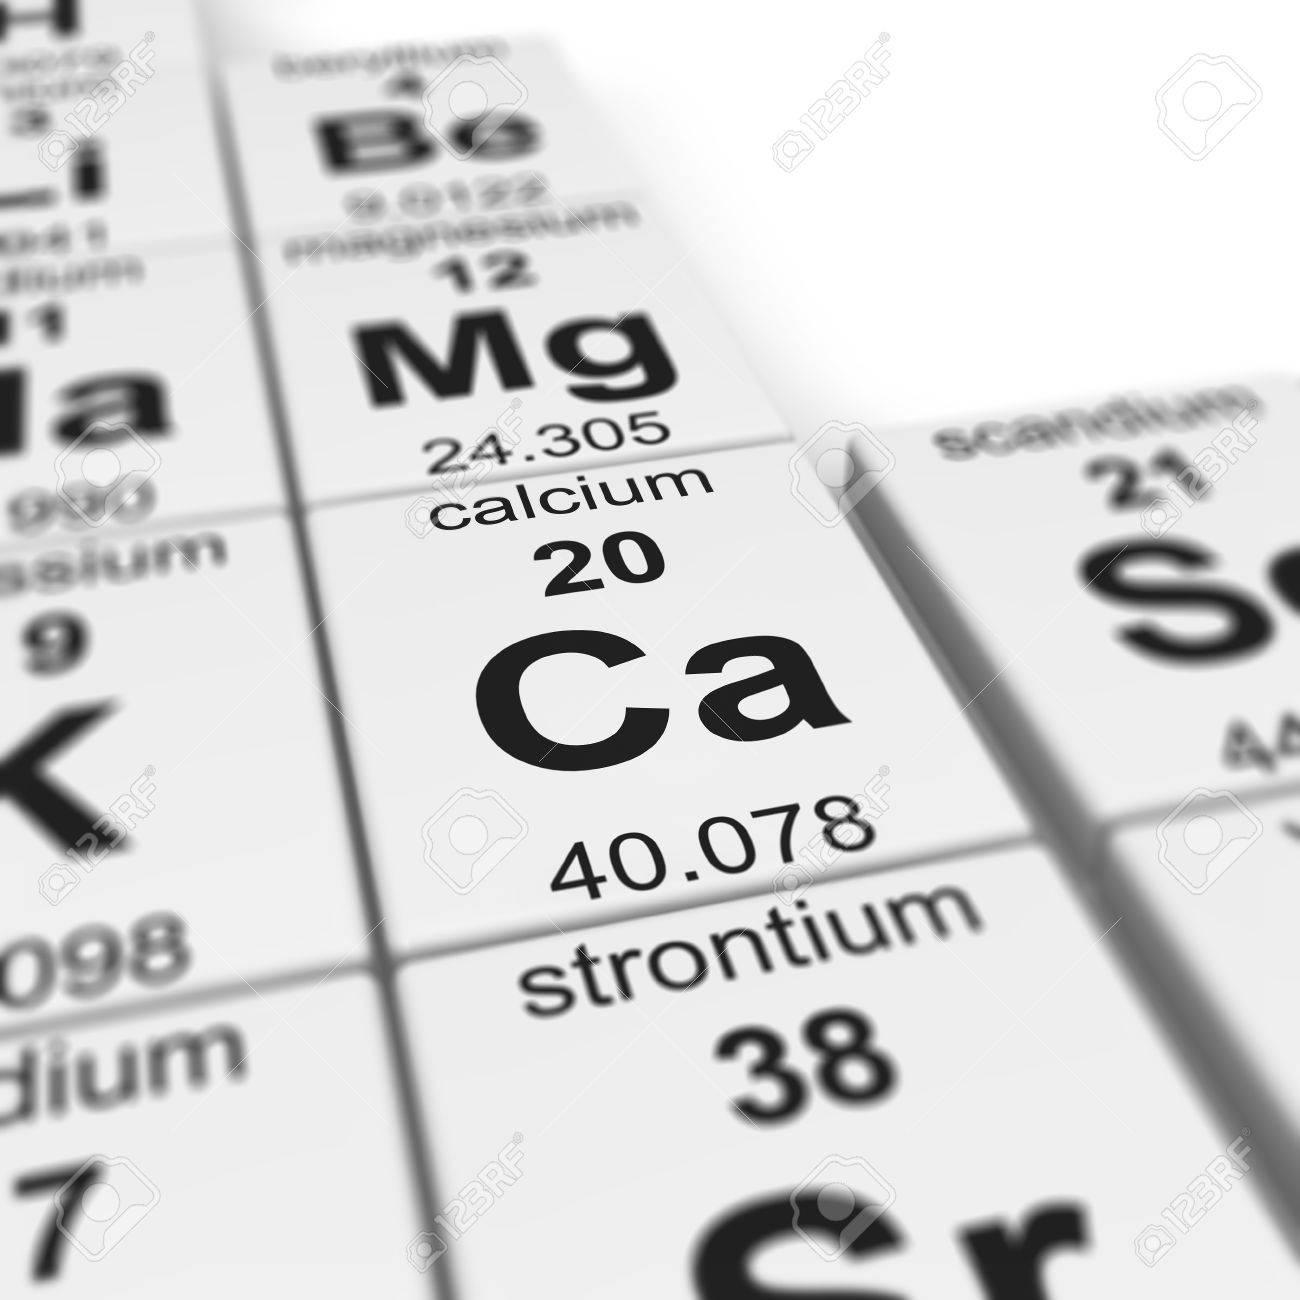 Periodic table of elements focused on calcium stock photo periodic table of elements focused on calcium stock photo 20109188 biocorpaavc